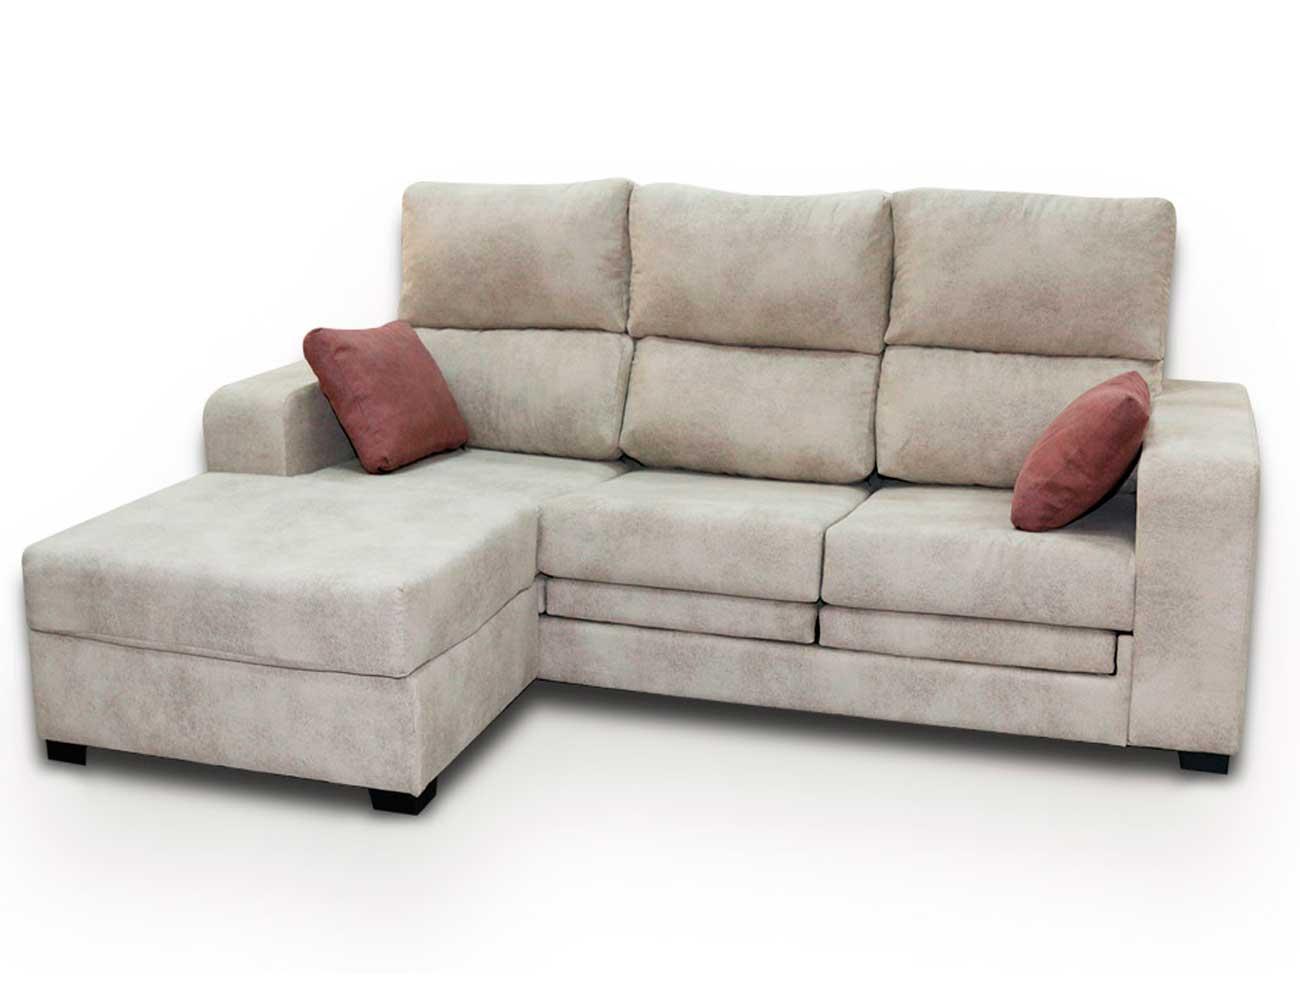 Sofa 3p puff reversible2